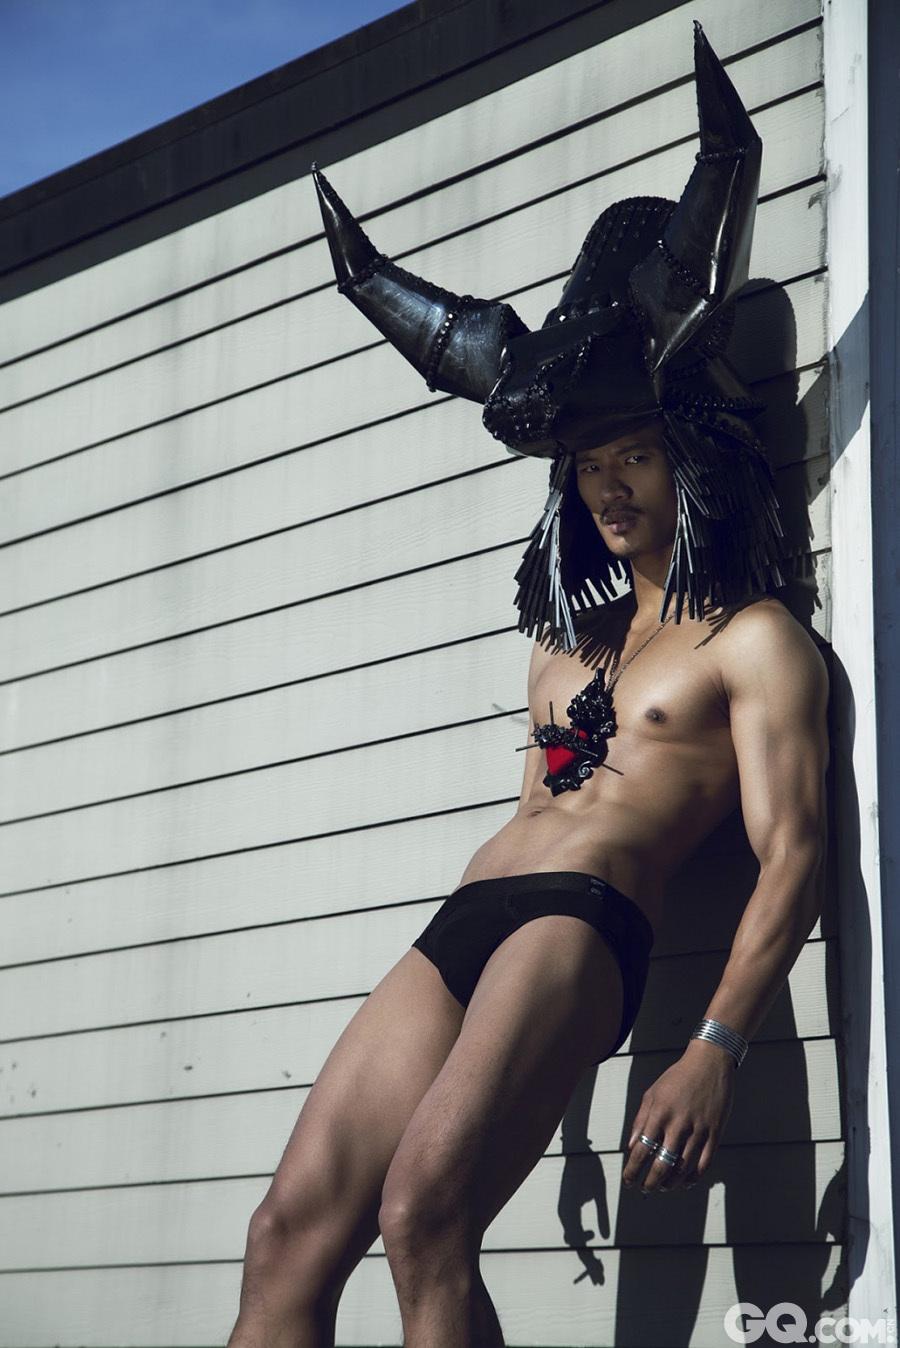 """2010年Givenchy秀场最红亚裔新人,引起广泛关注的新脸孔Paolo Roldan,健硕的身姿,淡棕色的健康肤色打破了欧美T台上""""非黑即白""""的肤色垄断。"""